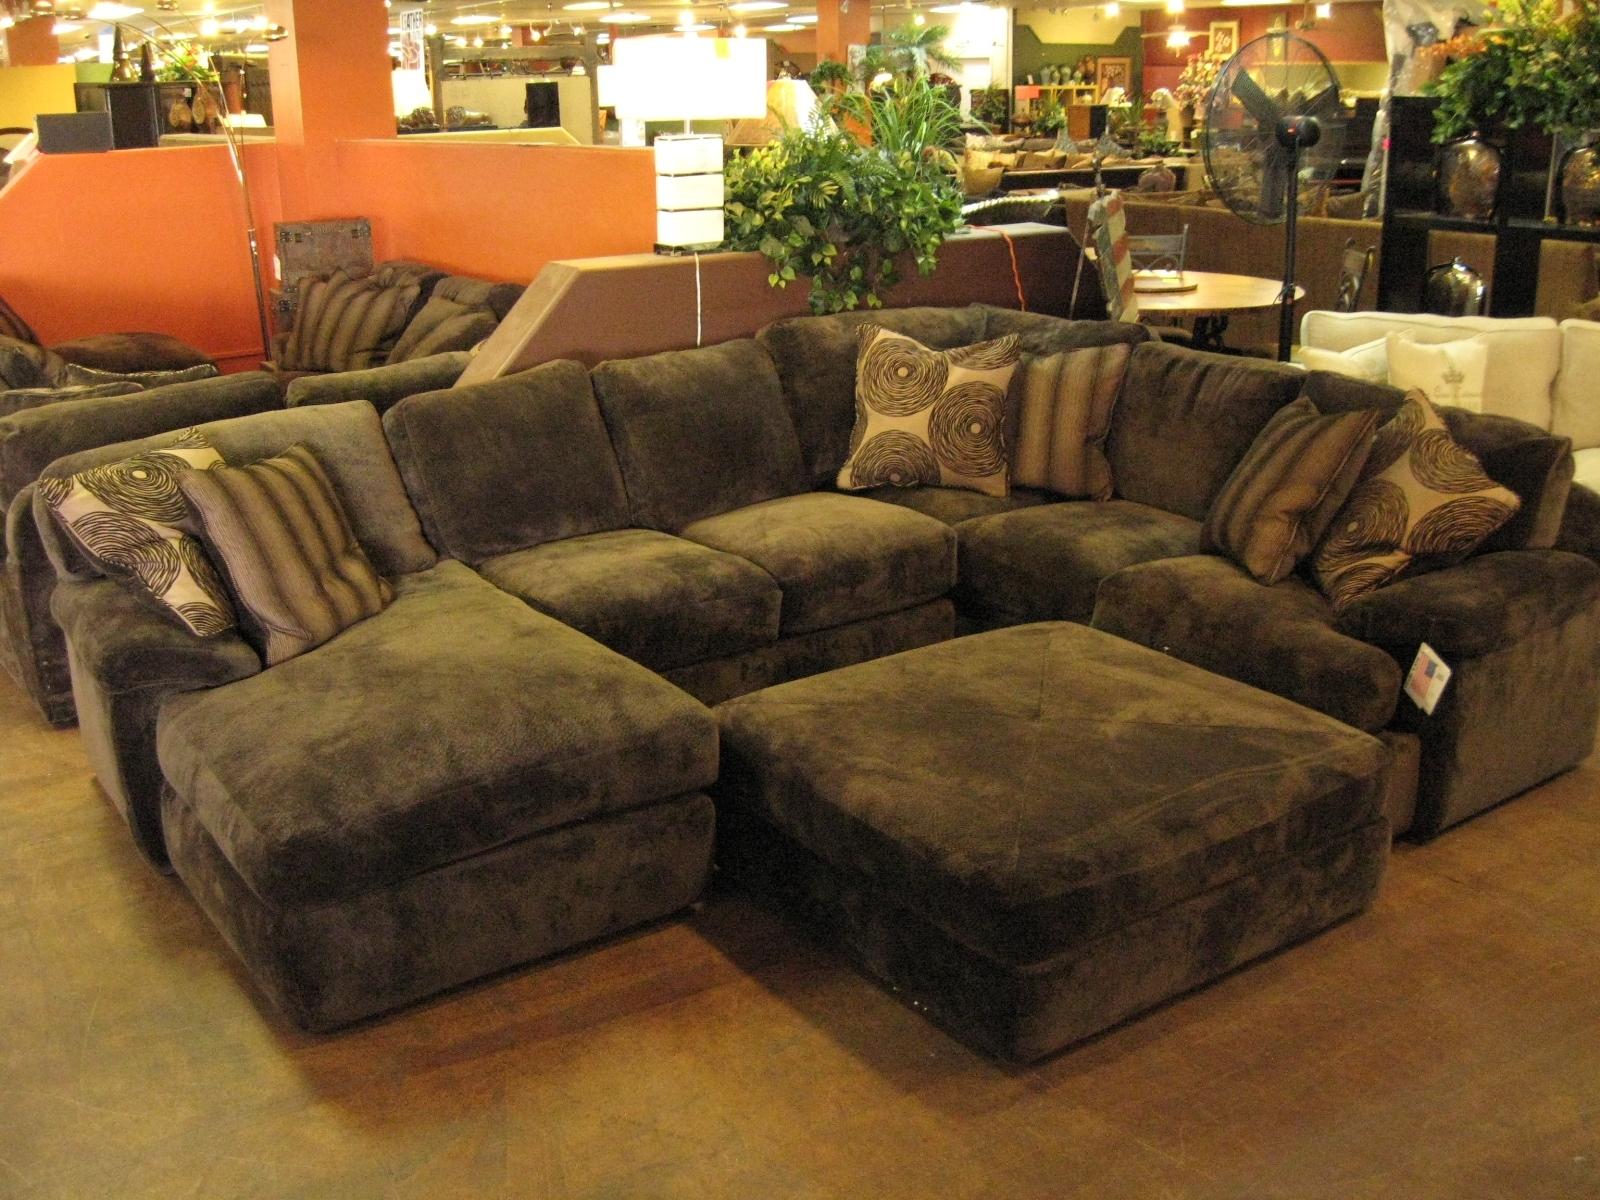 Black Velvet Fabric Sectional Sleeper Sofa With Chaise Lounge And in Sectional Sleeper Sofas With Ottoman (Image 3 of 15)